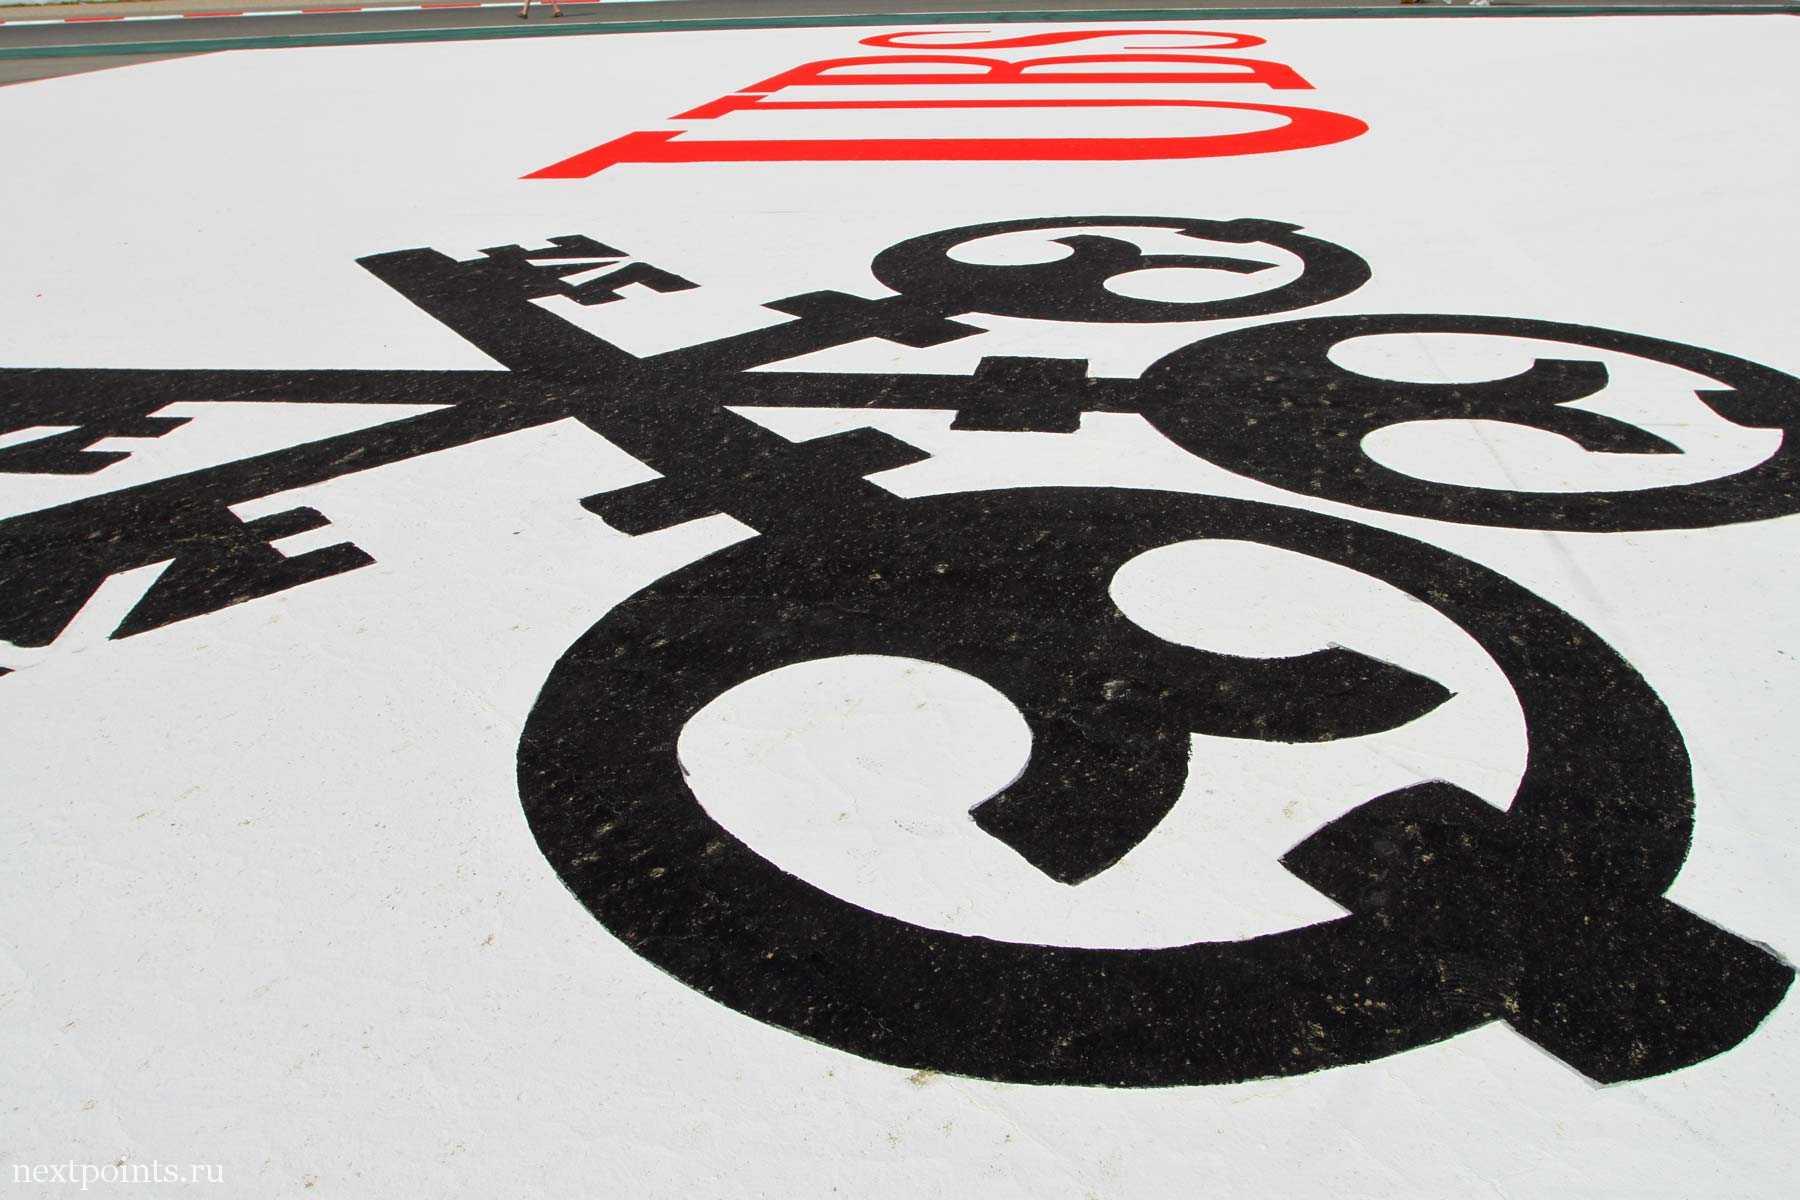 Спонсор Формулы 1 в Испании